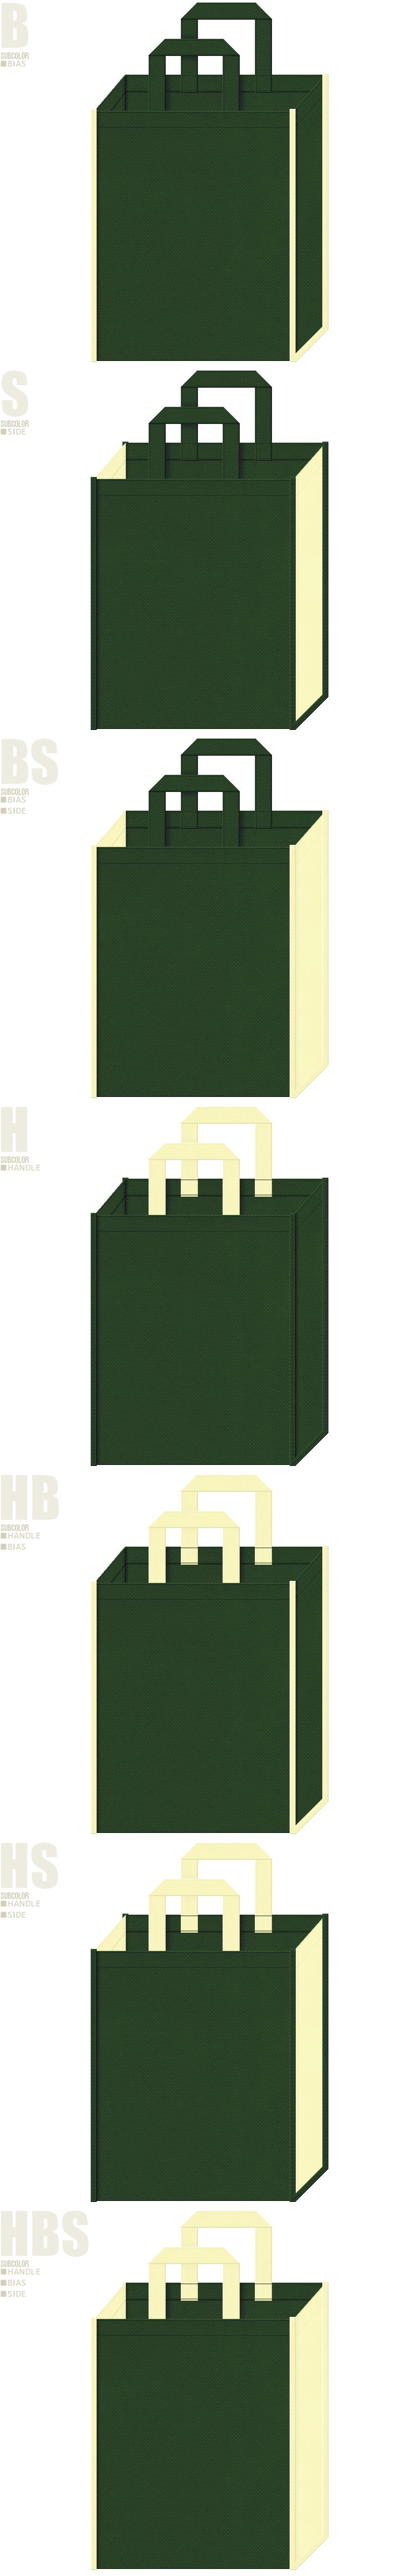 濃緑色と薄黄色、7パターンの不織布トートバッグ配色デザイン例。かぐやひめ等の民話イメージの不織布バッグにお奨めの配色です。